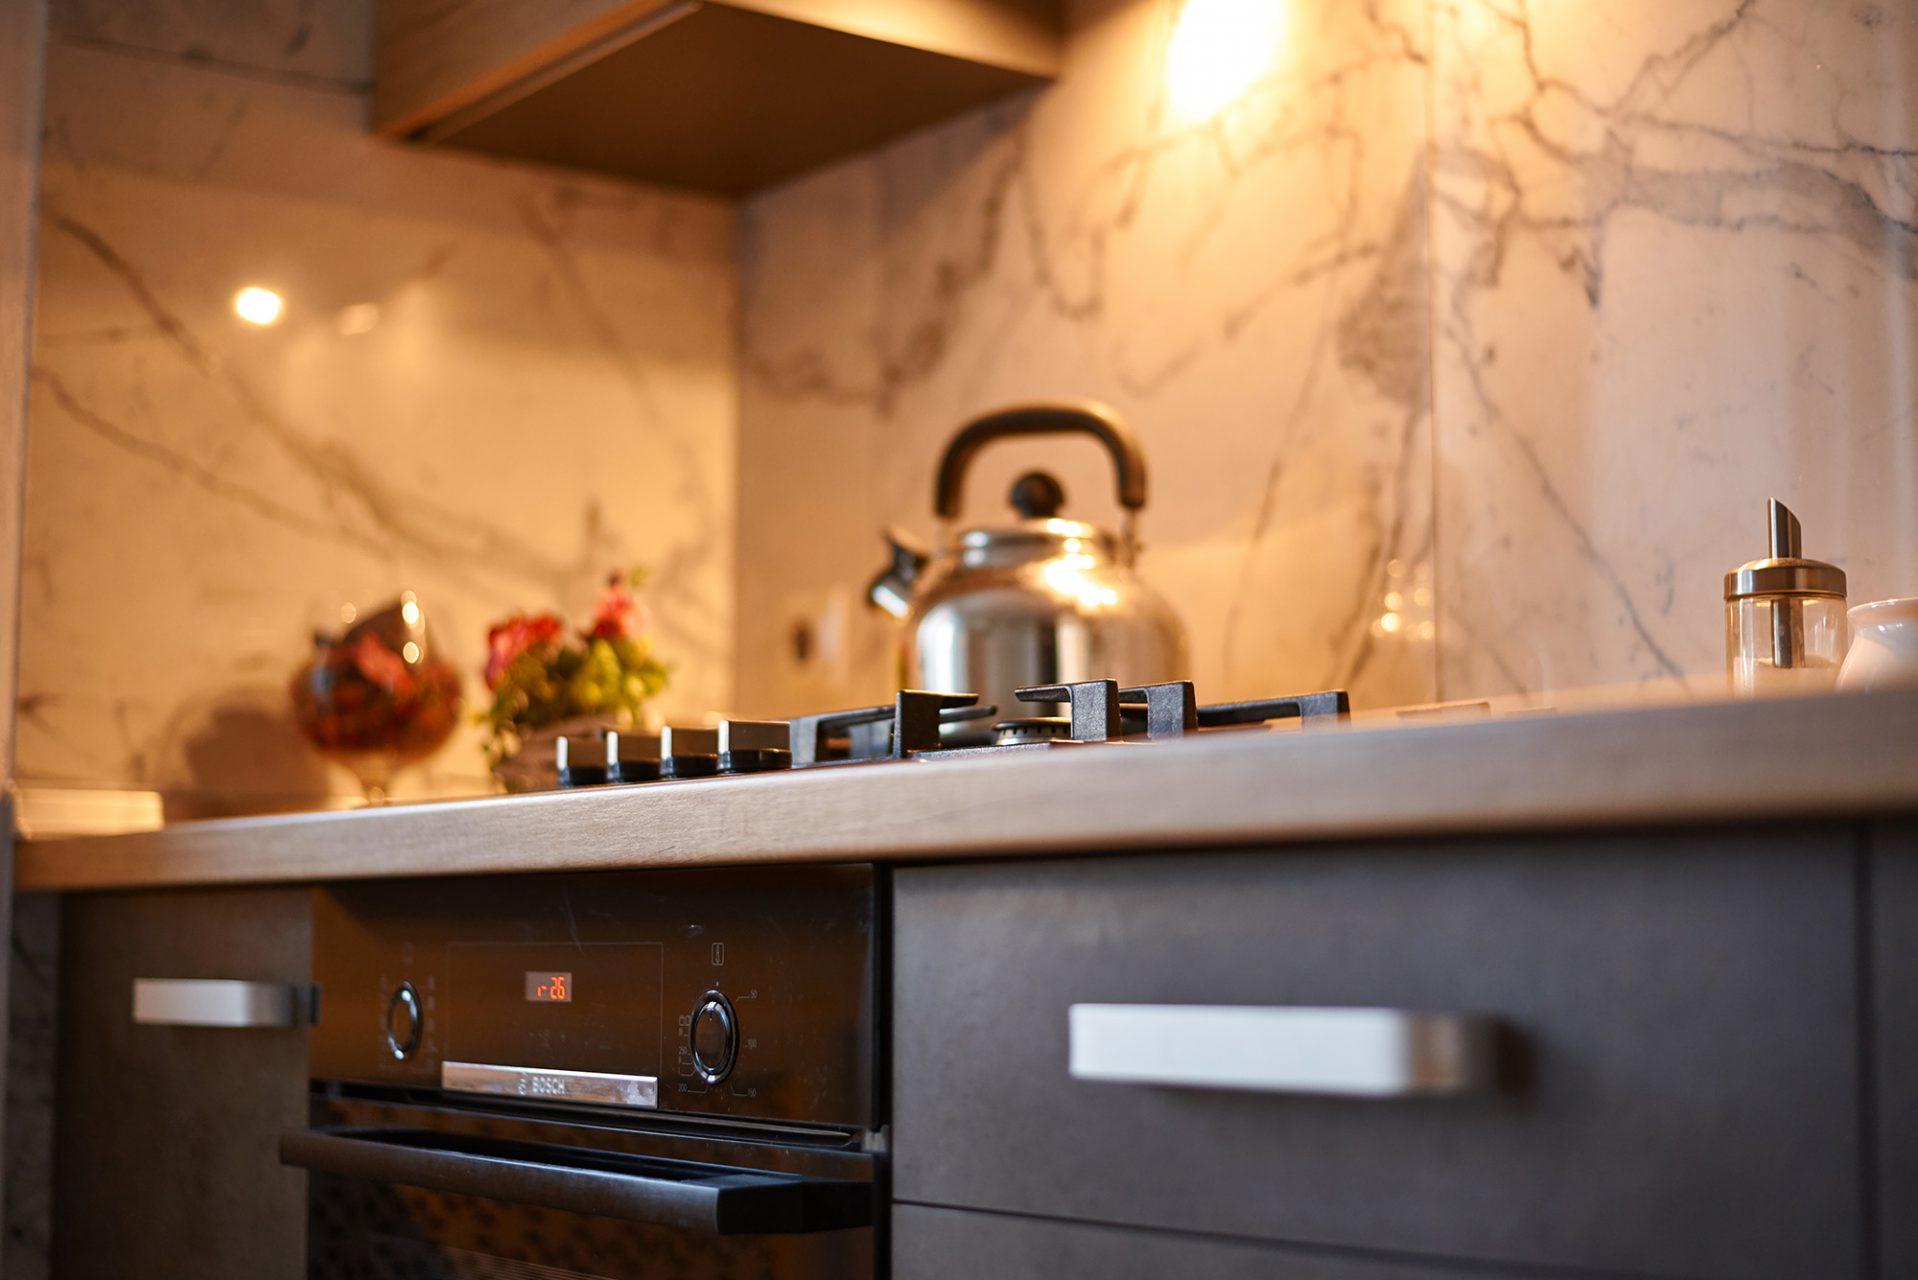 008_interior_kitchen2_korneychikeu